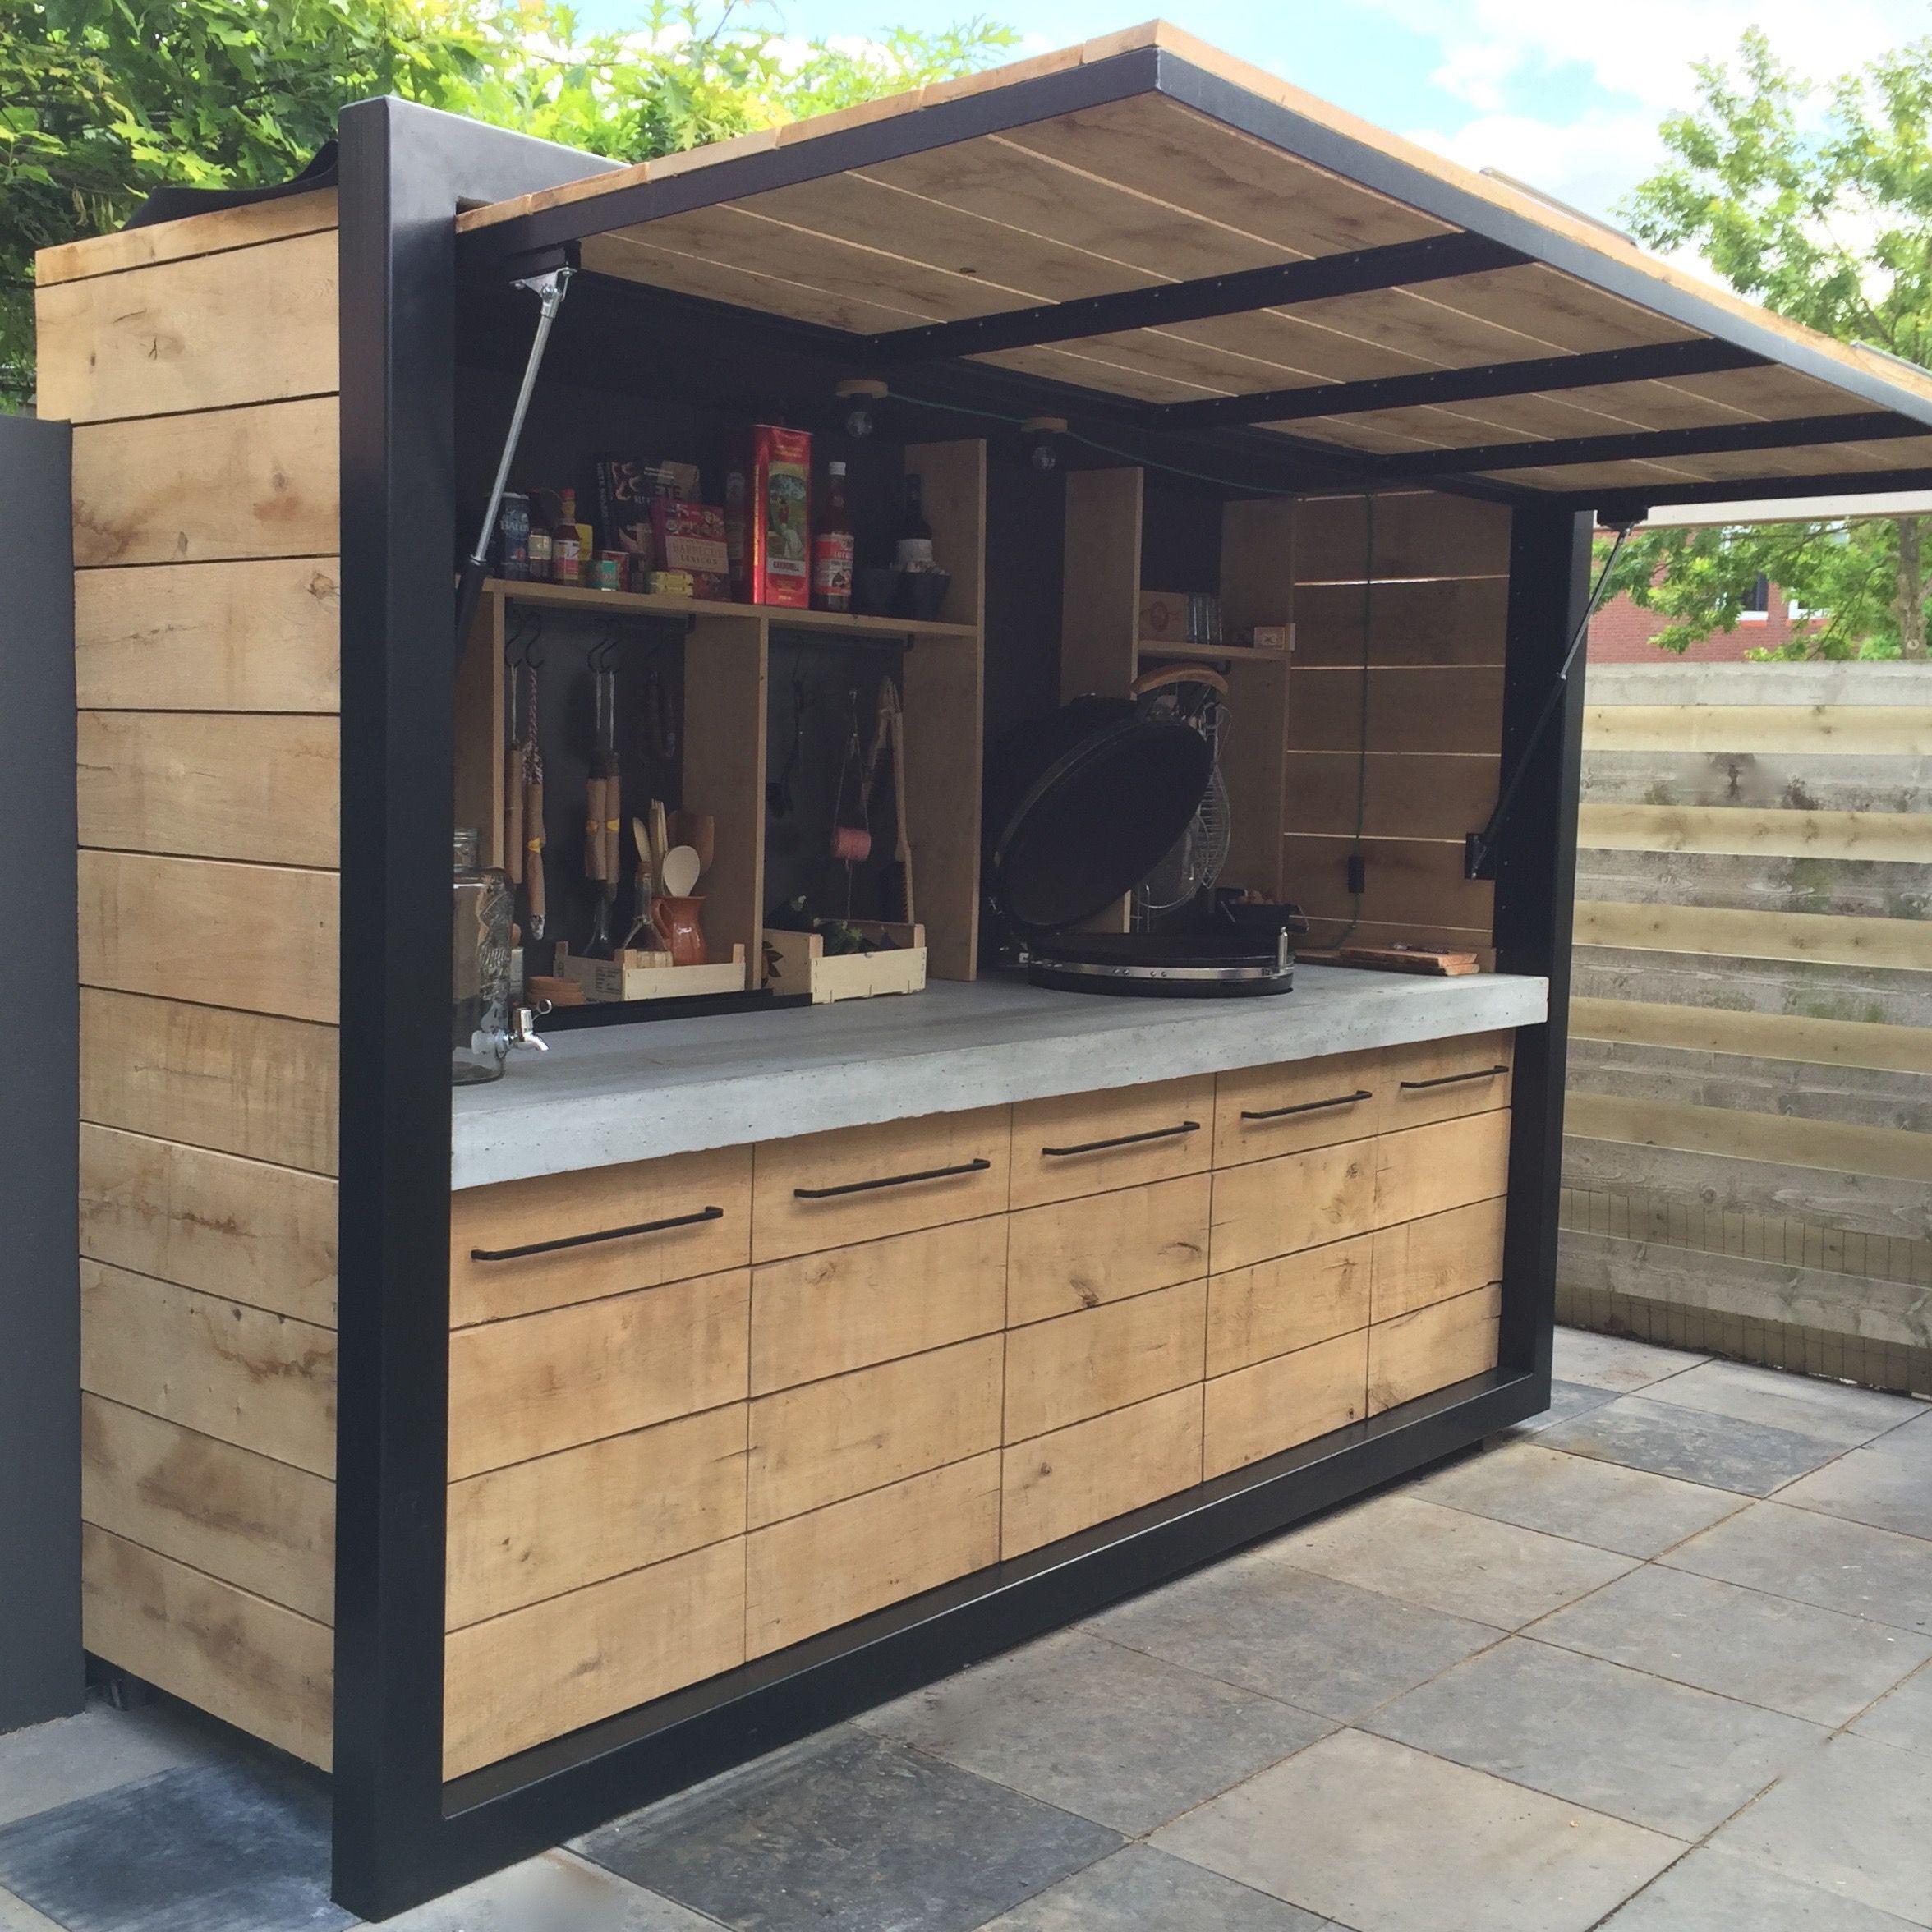 Camping Recipe For The Great Outdoors Avec Images Cuisine Exterieure Decoration Jardin Exterieur Cuisine Exterieur